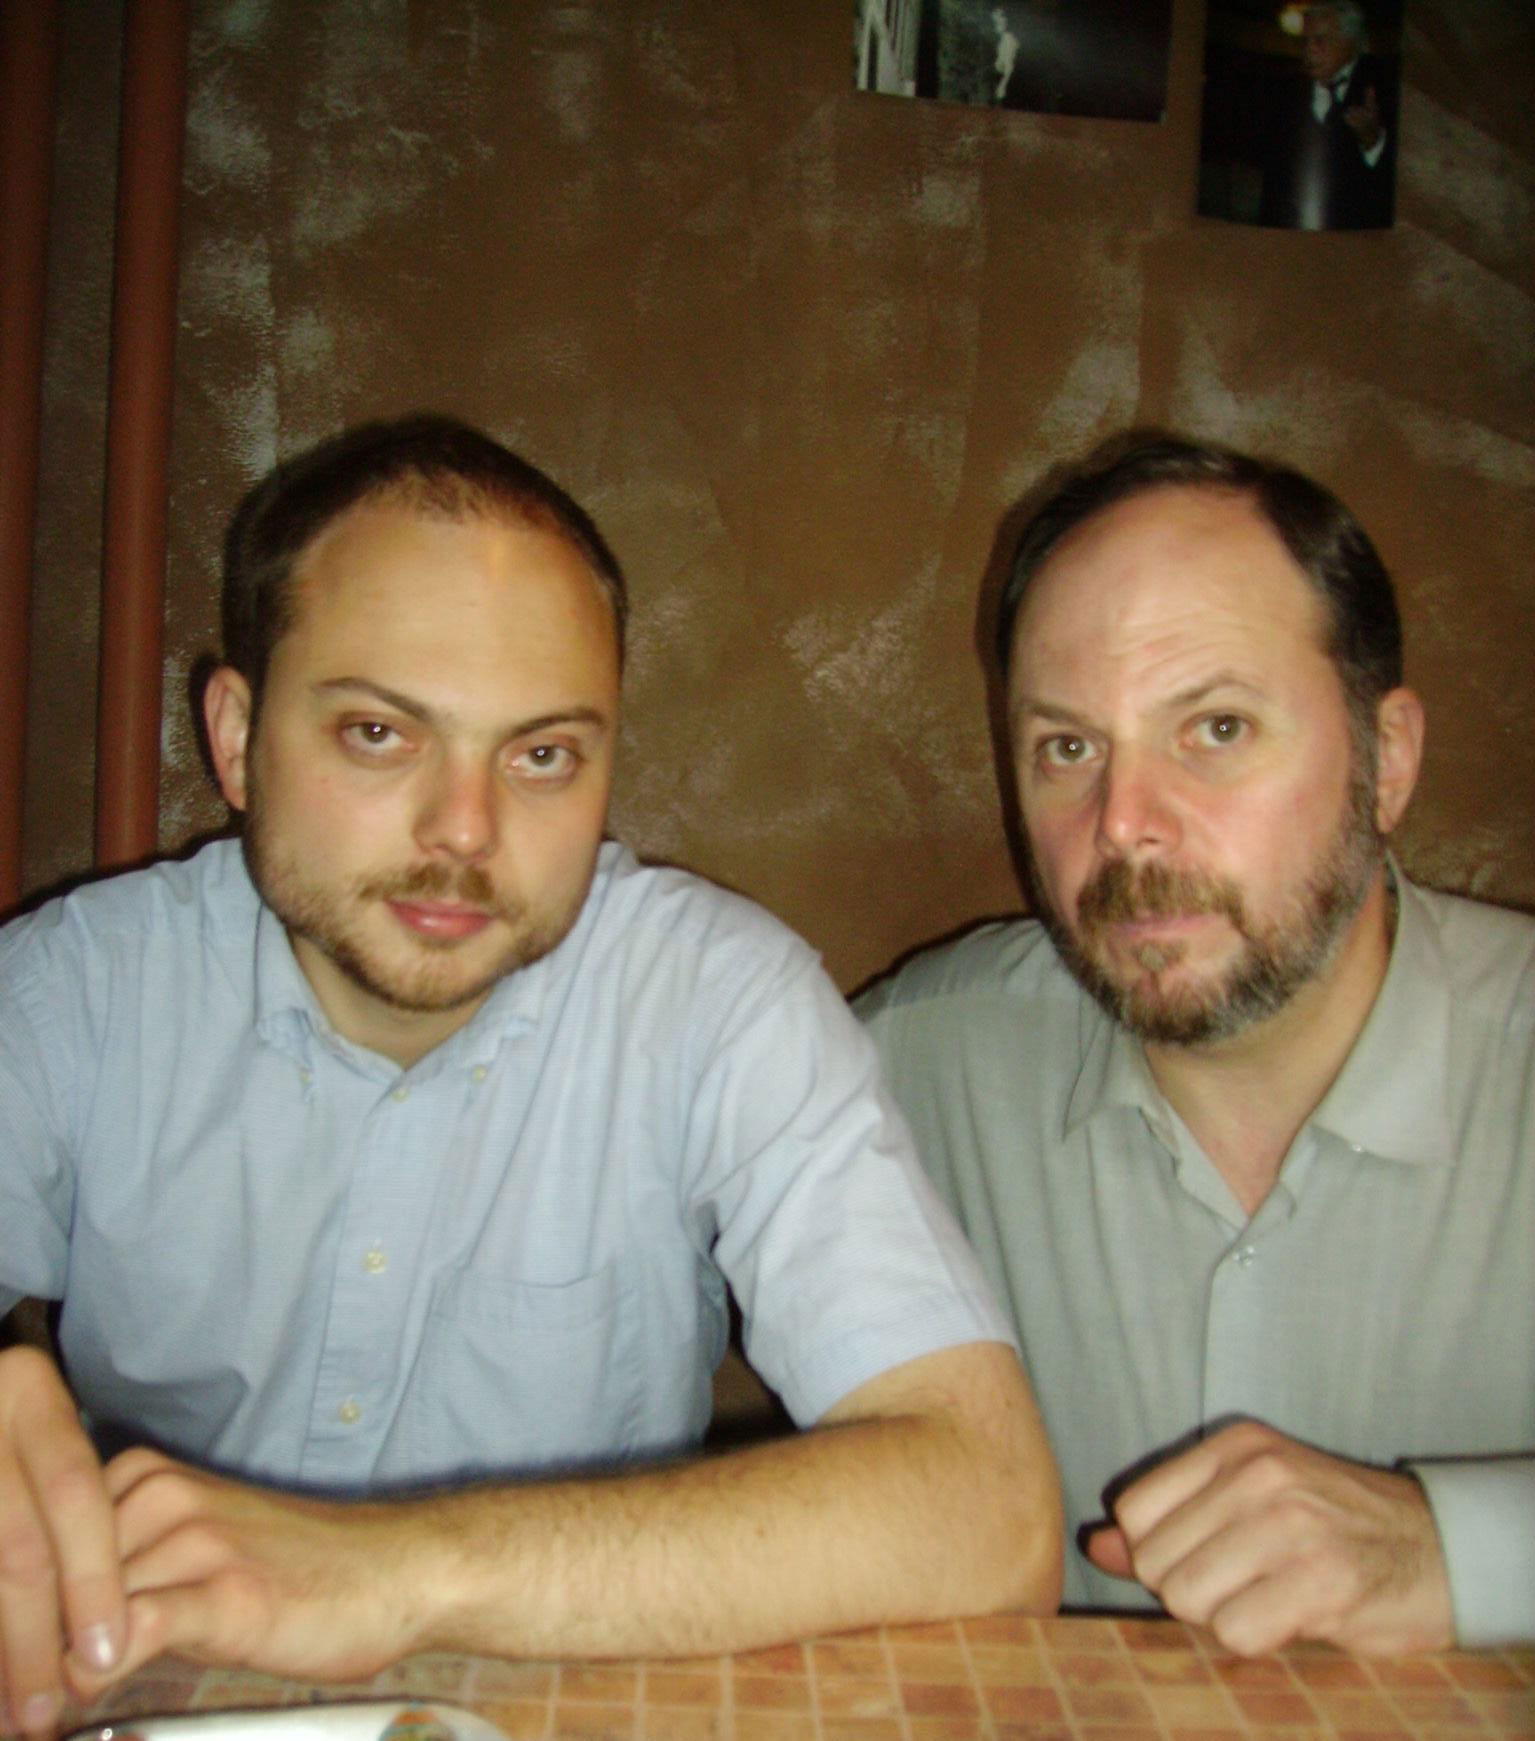 Vladimir Kara-Murza and his father, Vladimir Kara-Murza Sr., Moscow, 2007